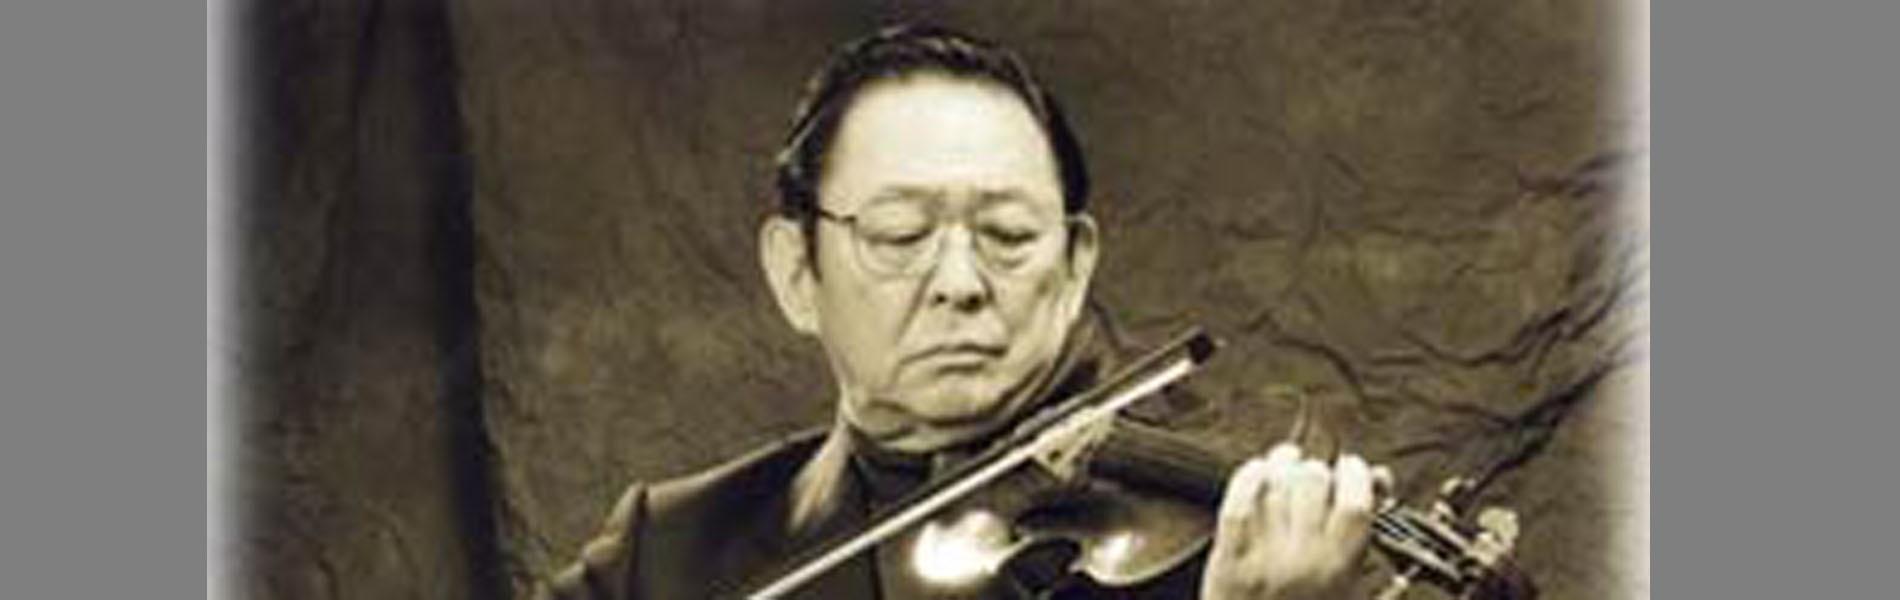 小林武史オフィシャルホームページ